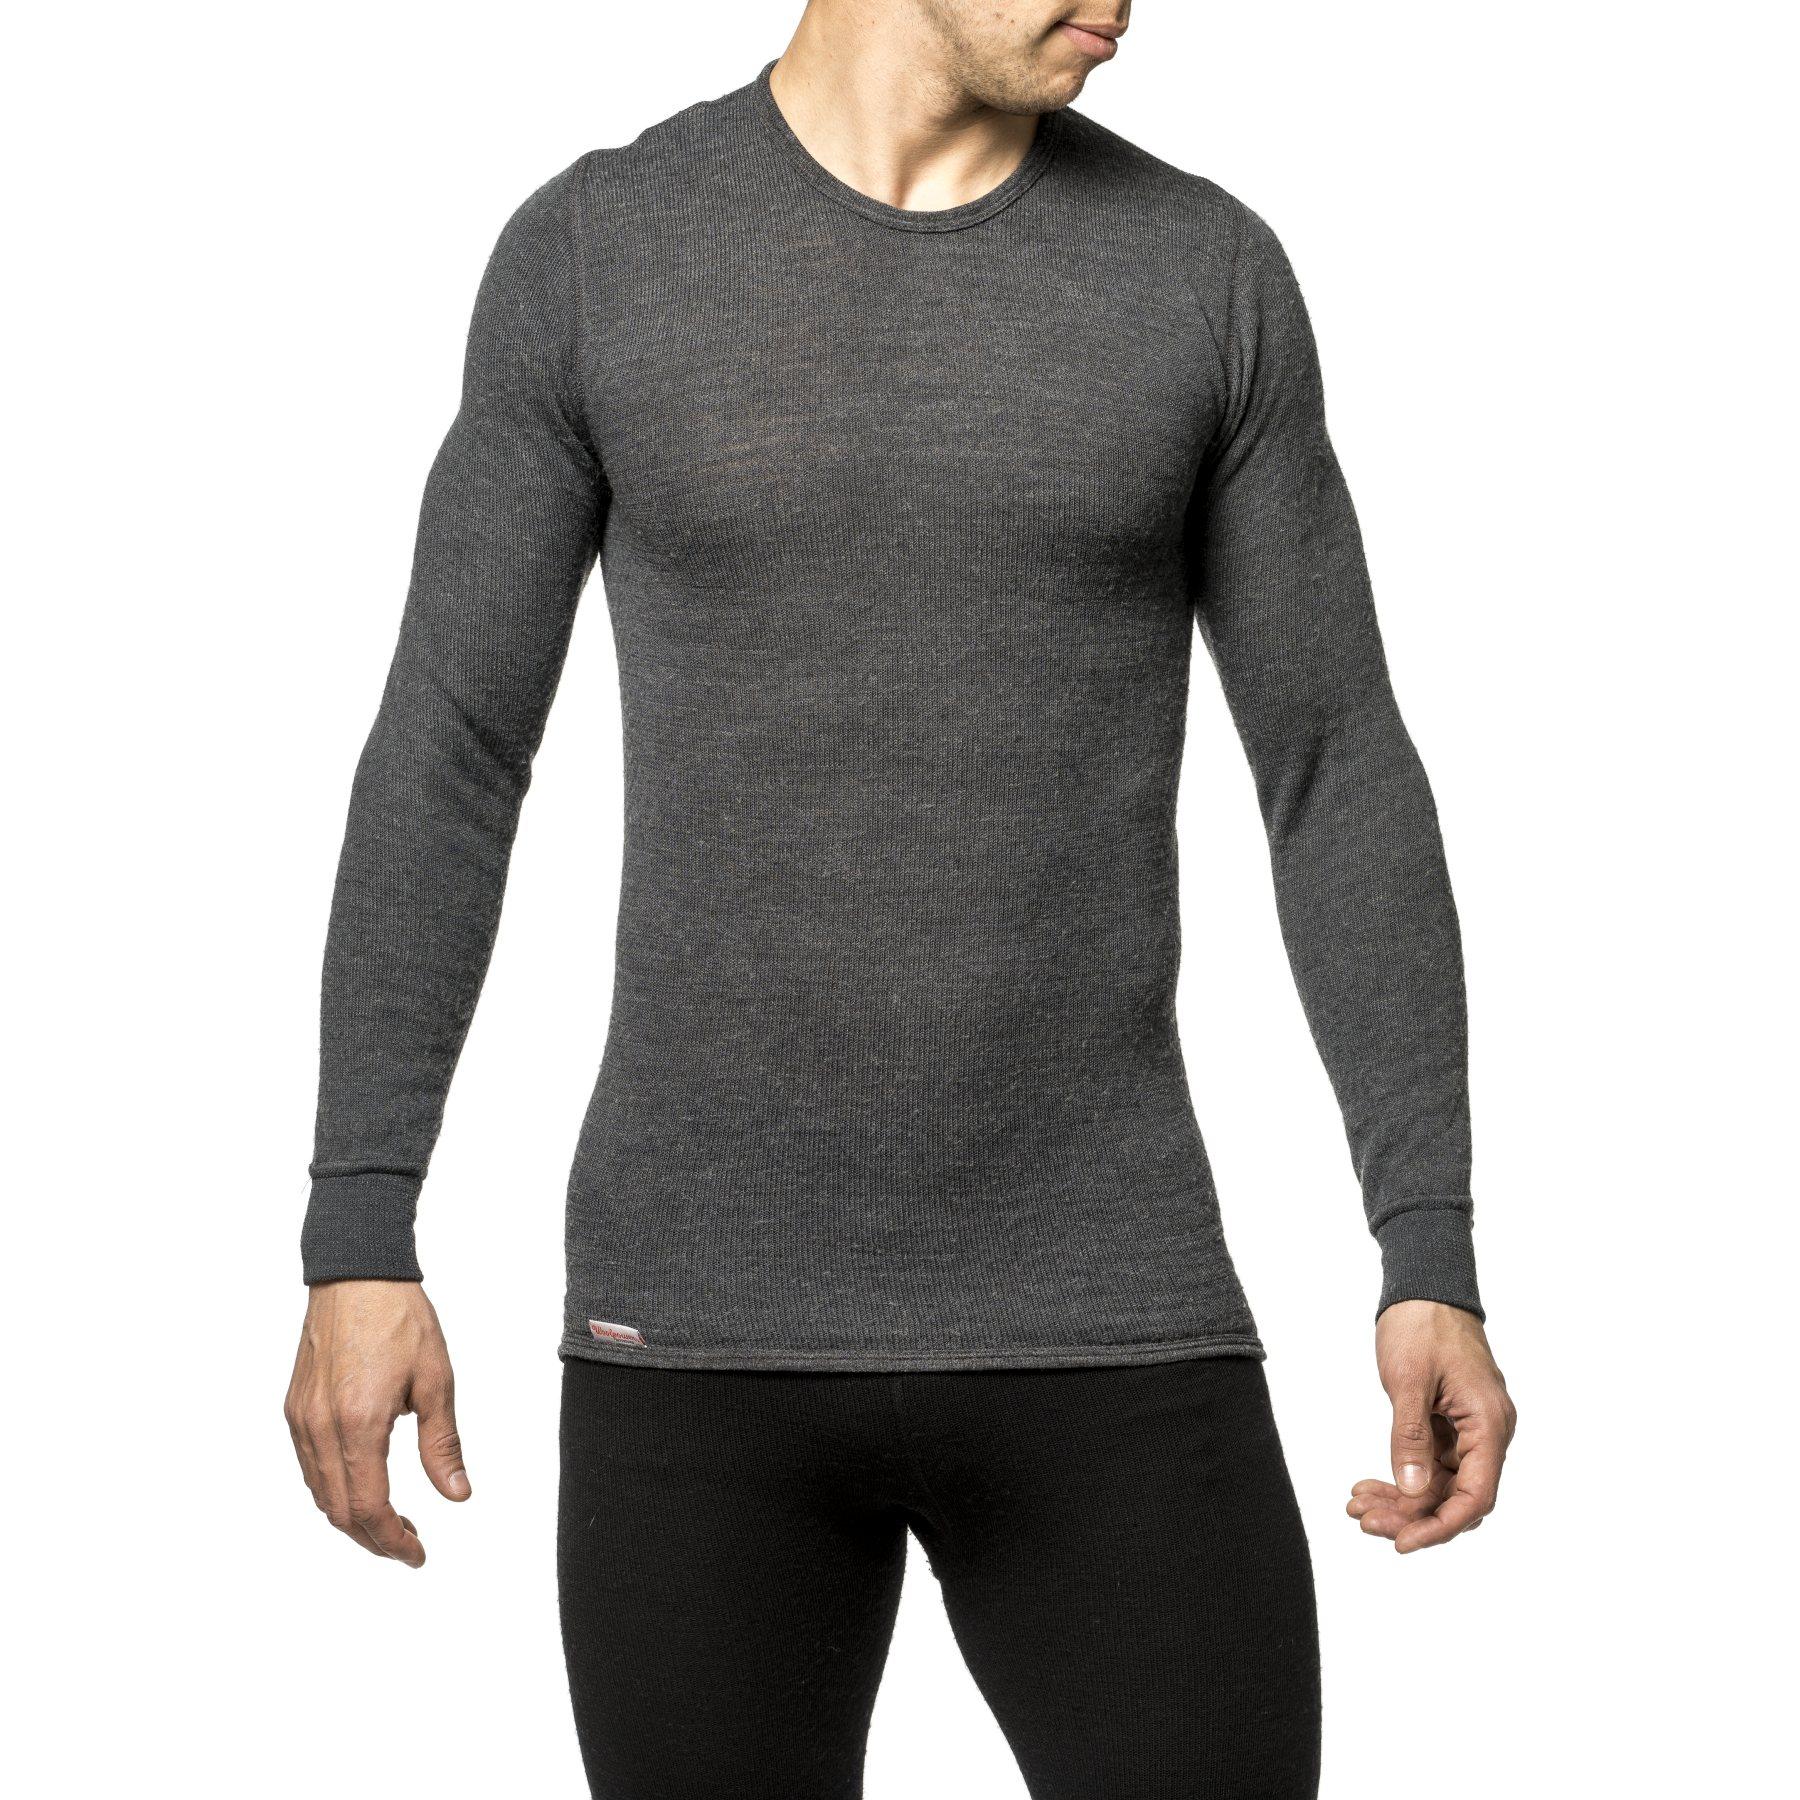 Woolpower Crewneck 200 Unisex Undershirt - grey